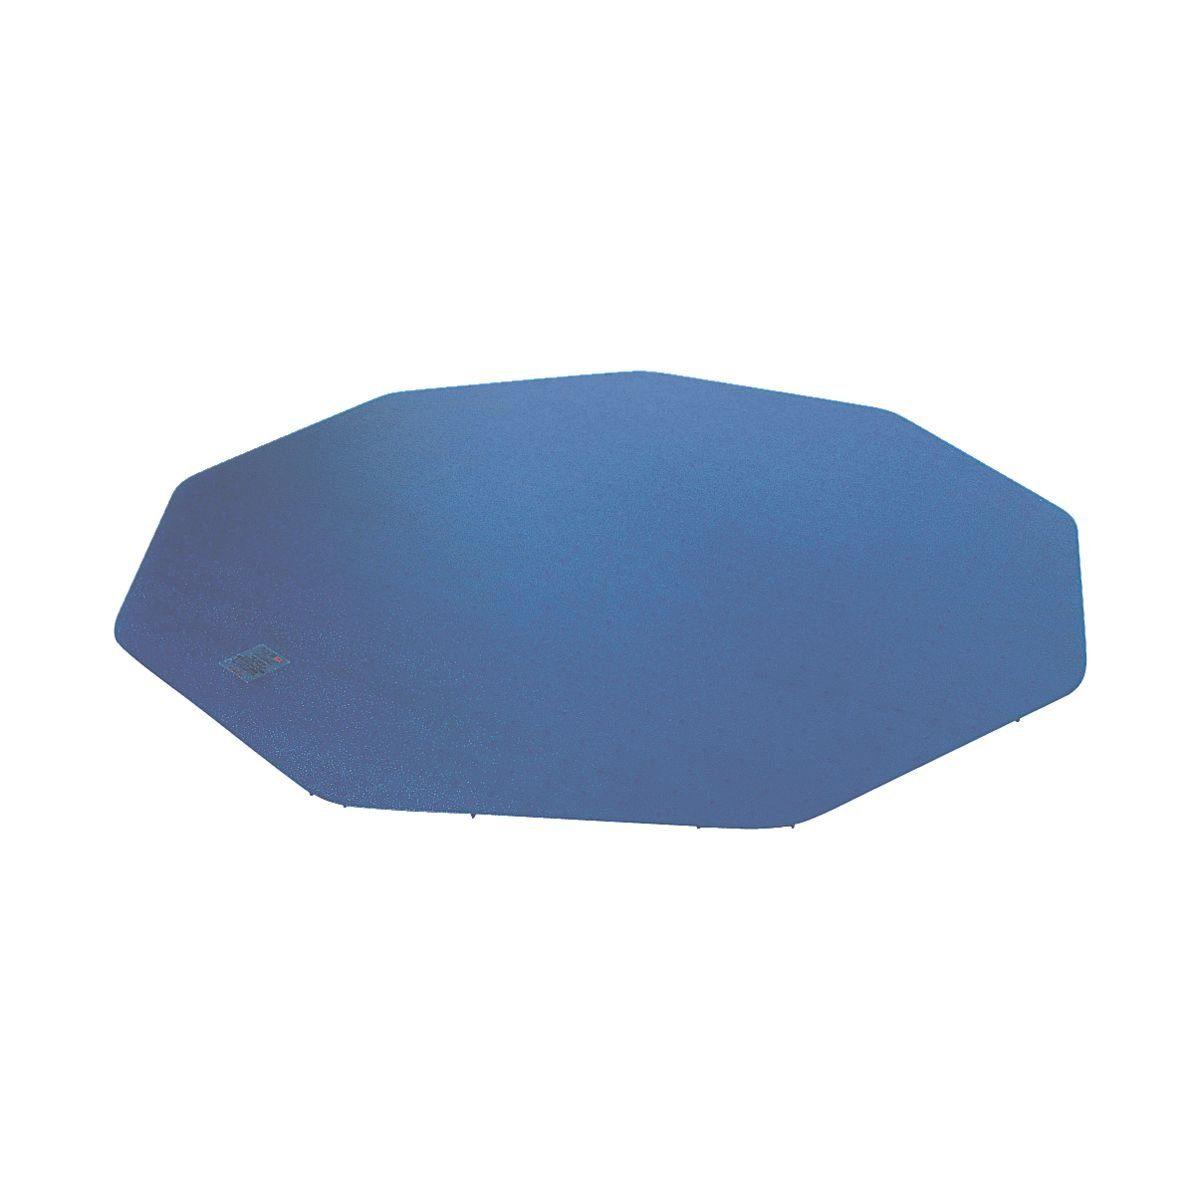 FLOORTEX Bodenschutzmatte, 9-eckig 100x100 cm, blau, für Teppich... »9mat«